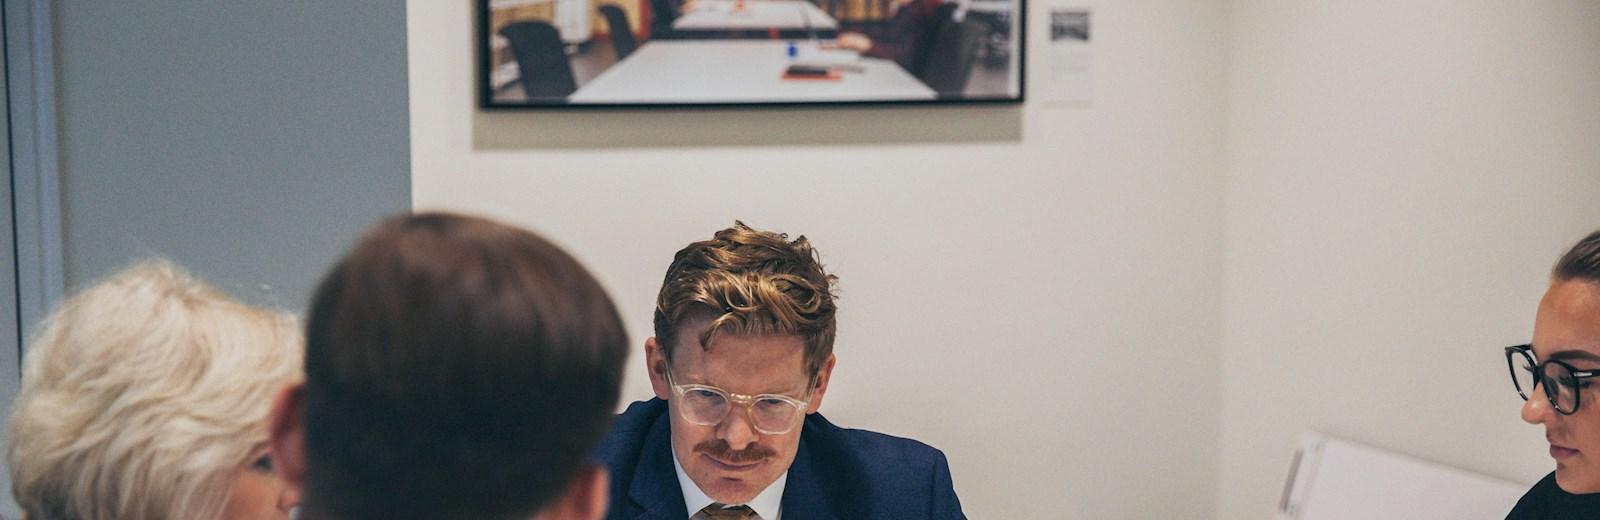 Mace team meeting, brainstorming